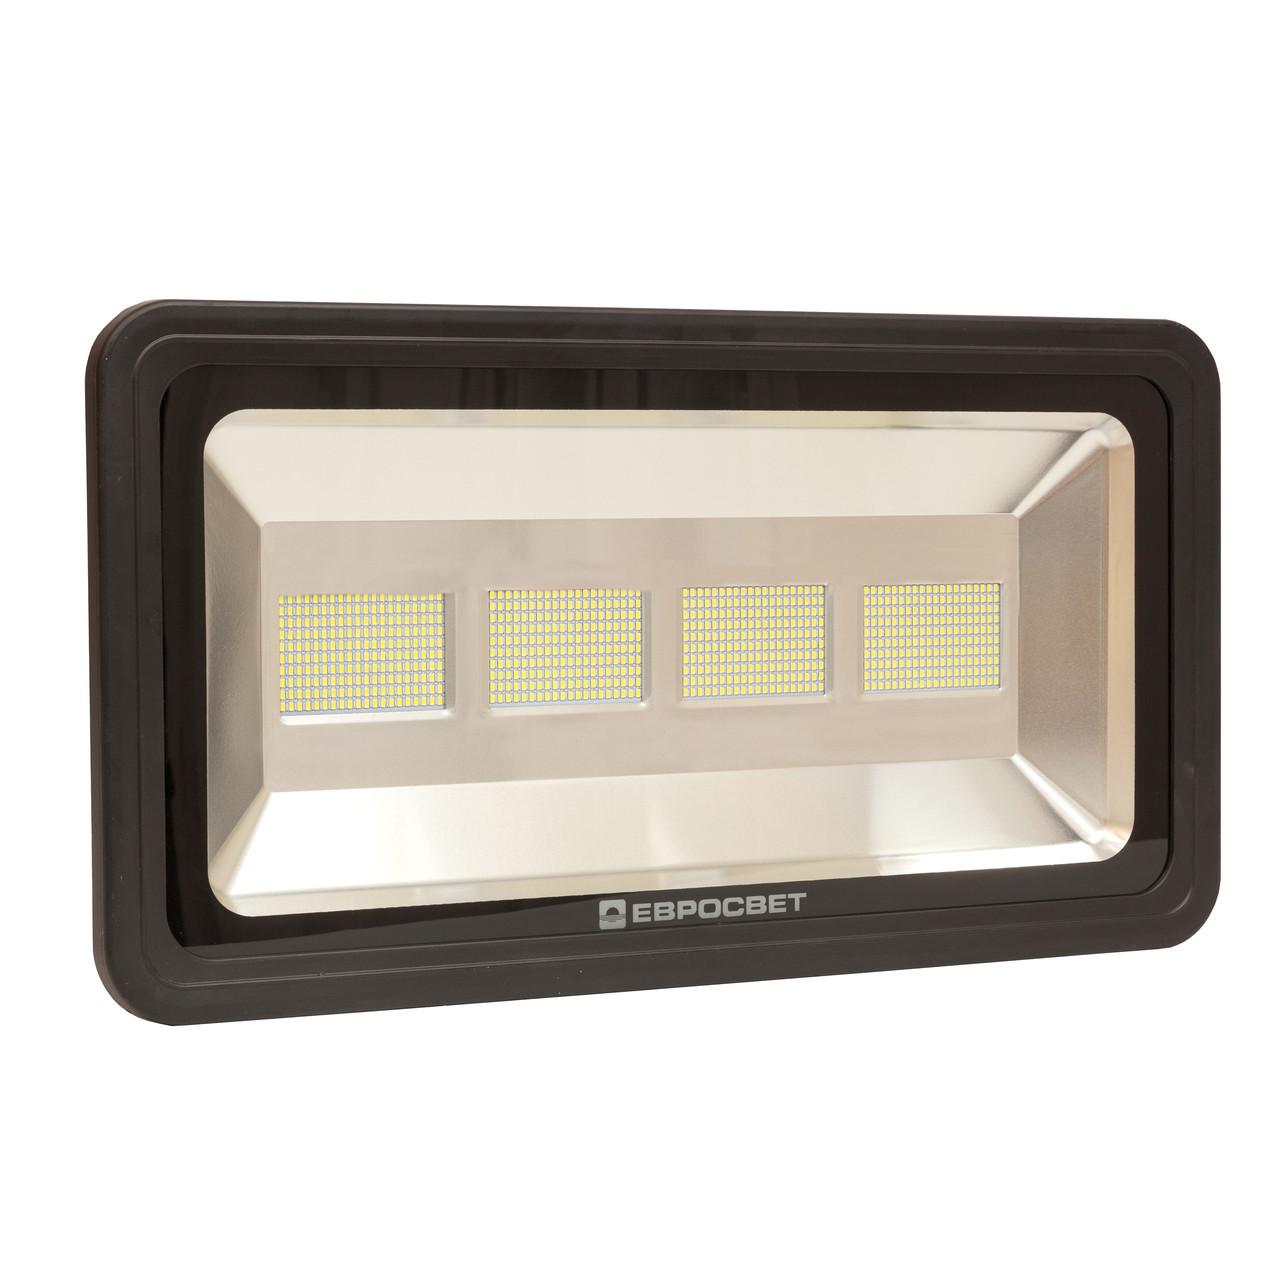 Светодиодный LED прожектор 750Вт 6400К 67 500Lm IP65 сверхмощный Евросвет